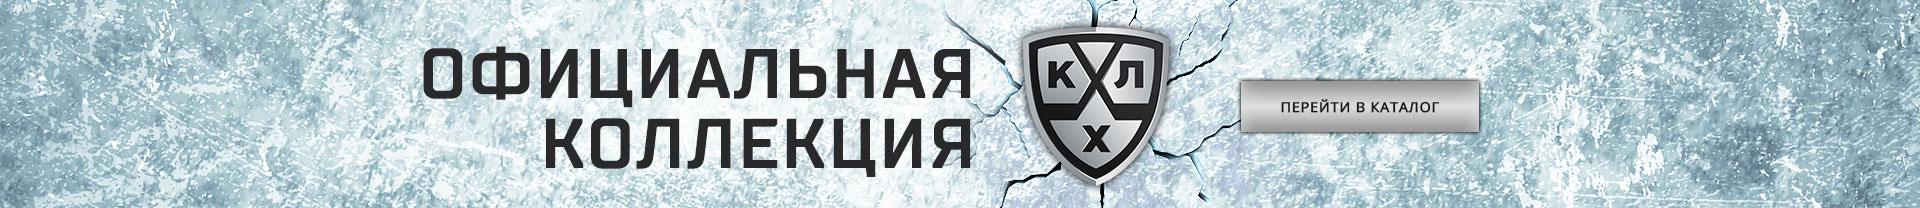 Коллекция КХЛ